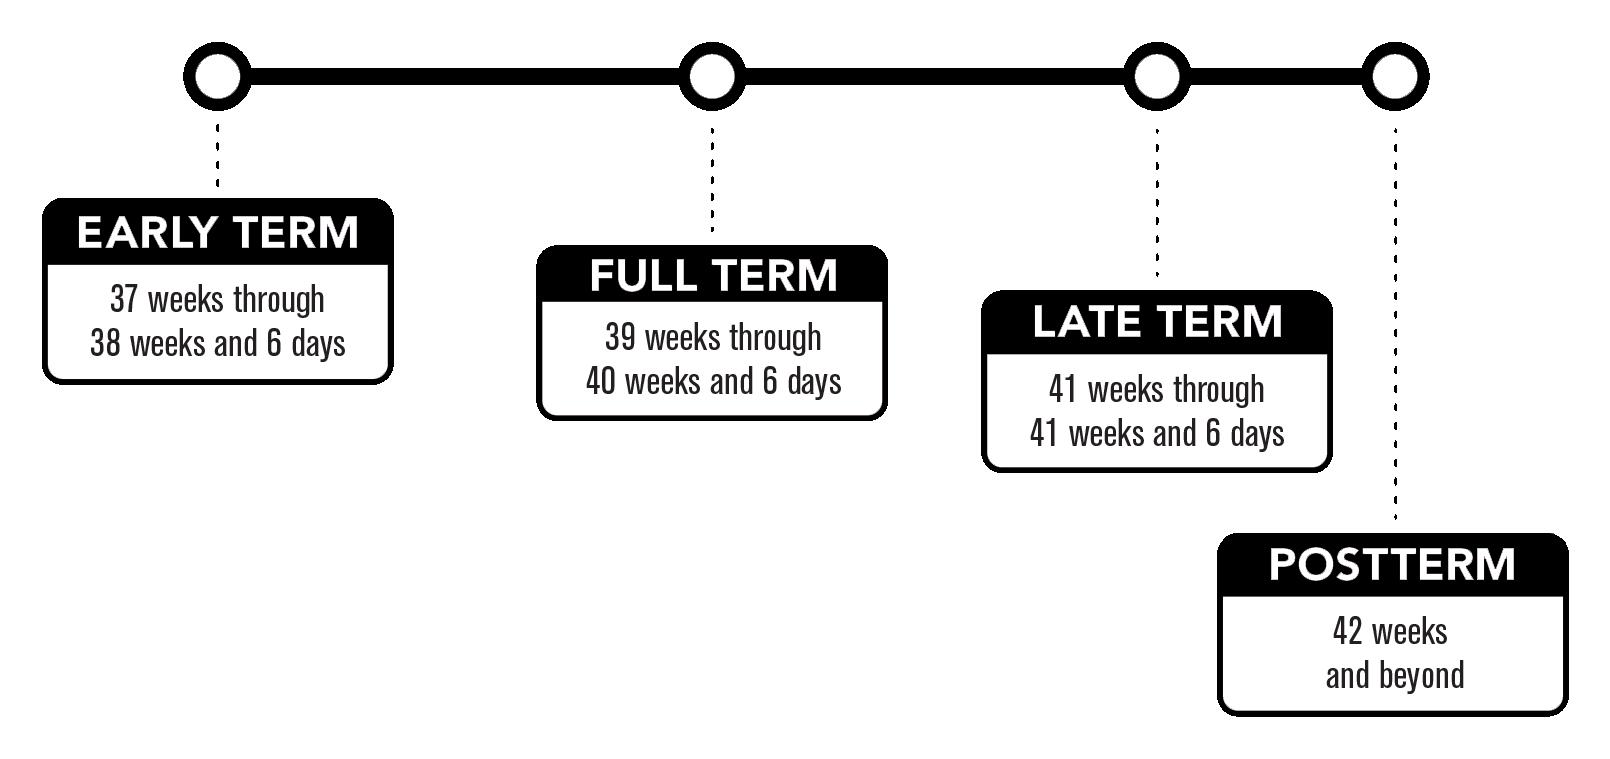 El término temprano es de 37 semanas a 38 semanas y 6 días.  El término completo es de 39 semanas a 40 semanas y 6 días.  El término tardío es de 41 semanas a 41 semanas y 6 días.  El post término es de 42 semanas y más